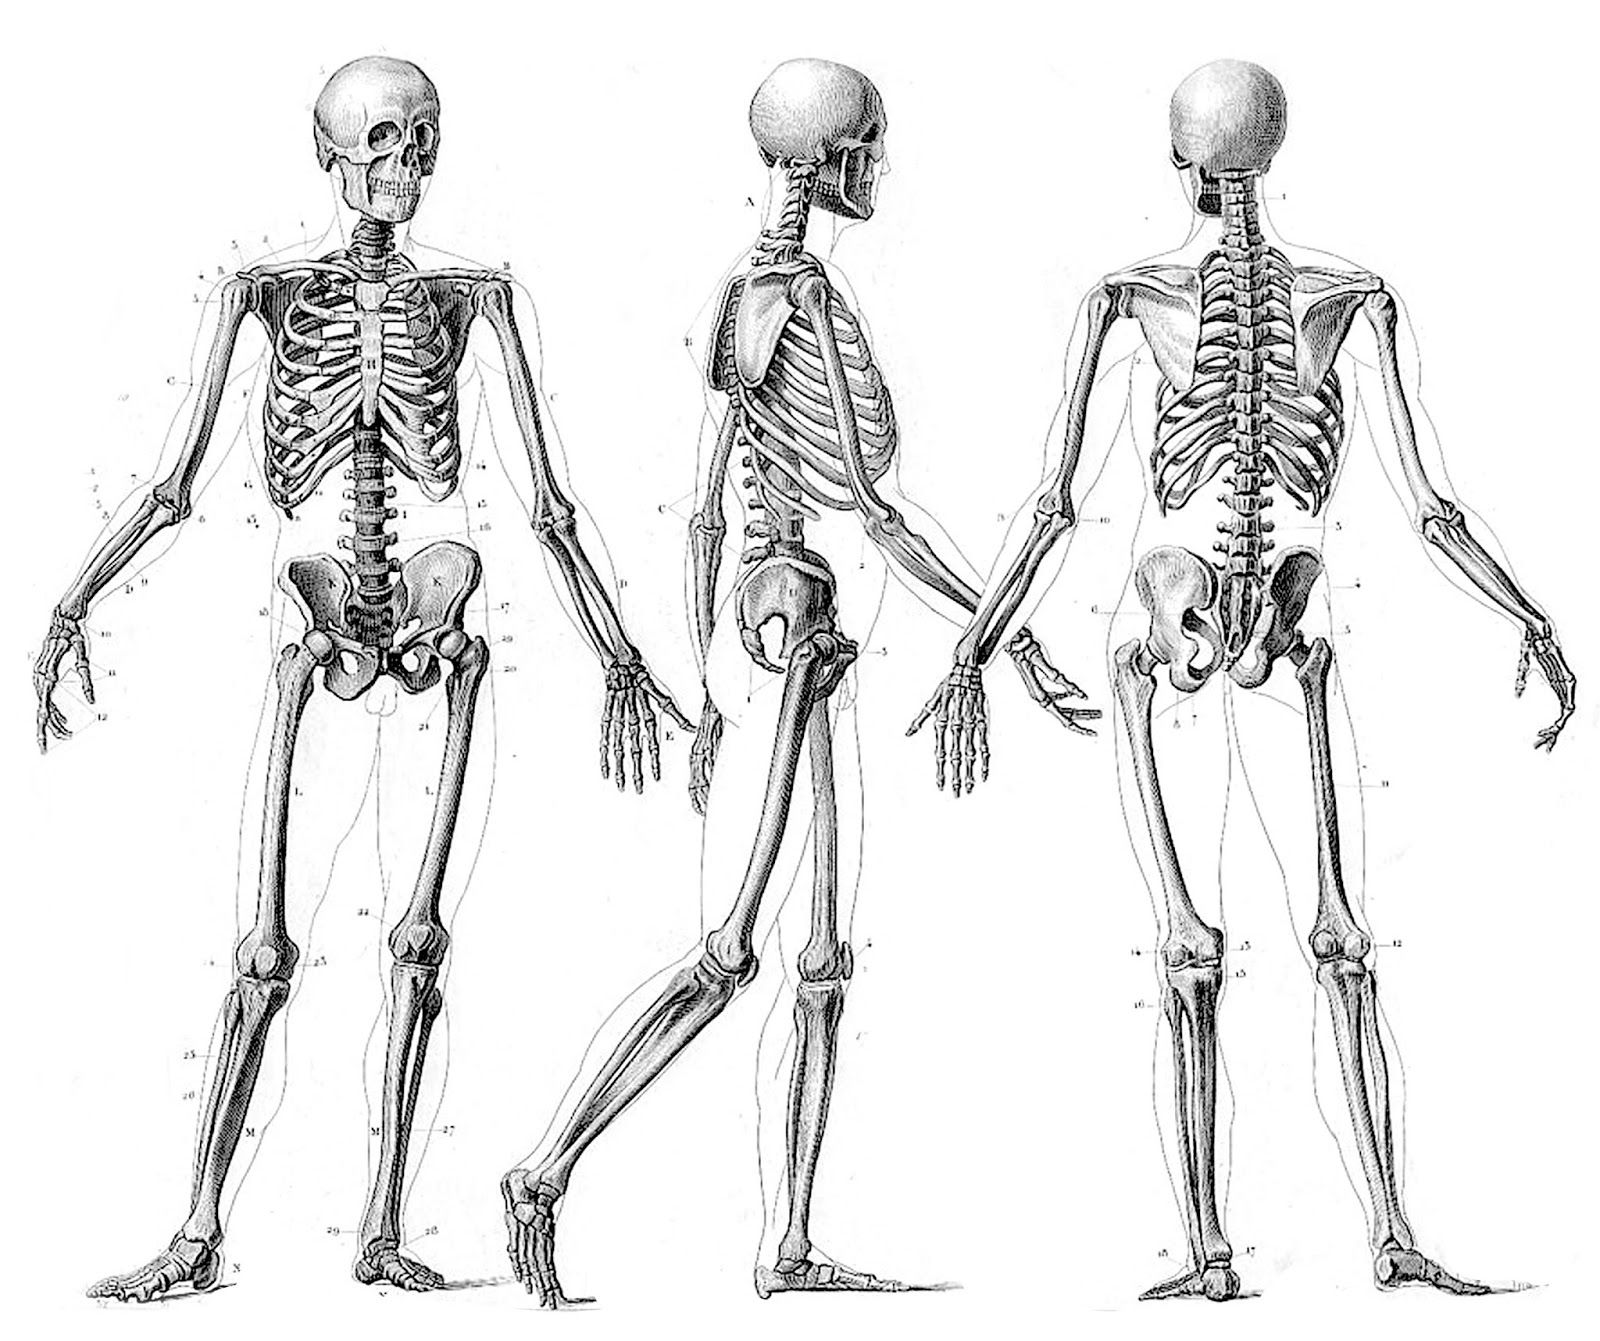 Squelette humain dessin - Dessin du coeur humain ...